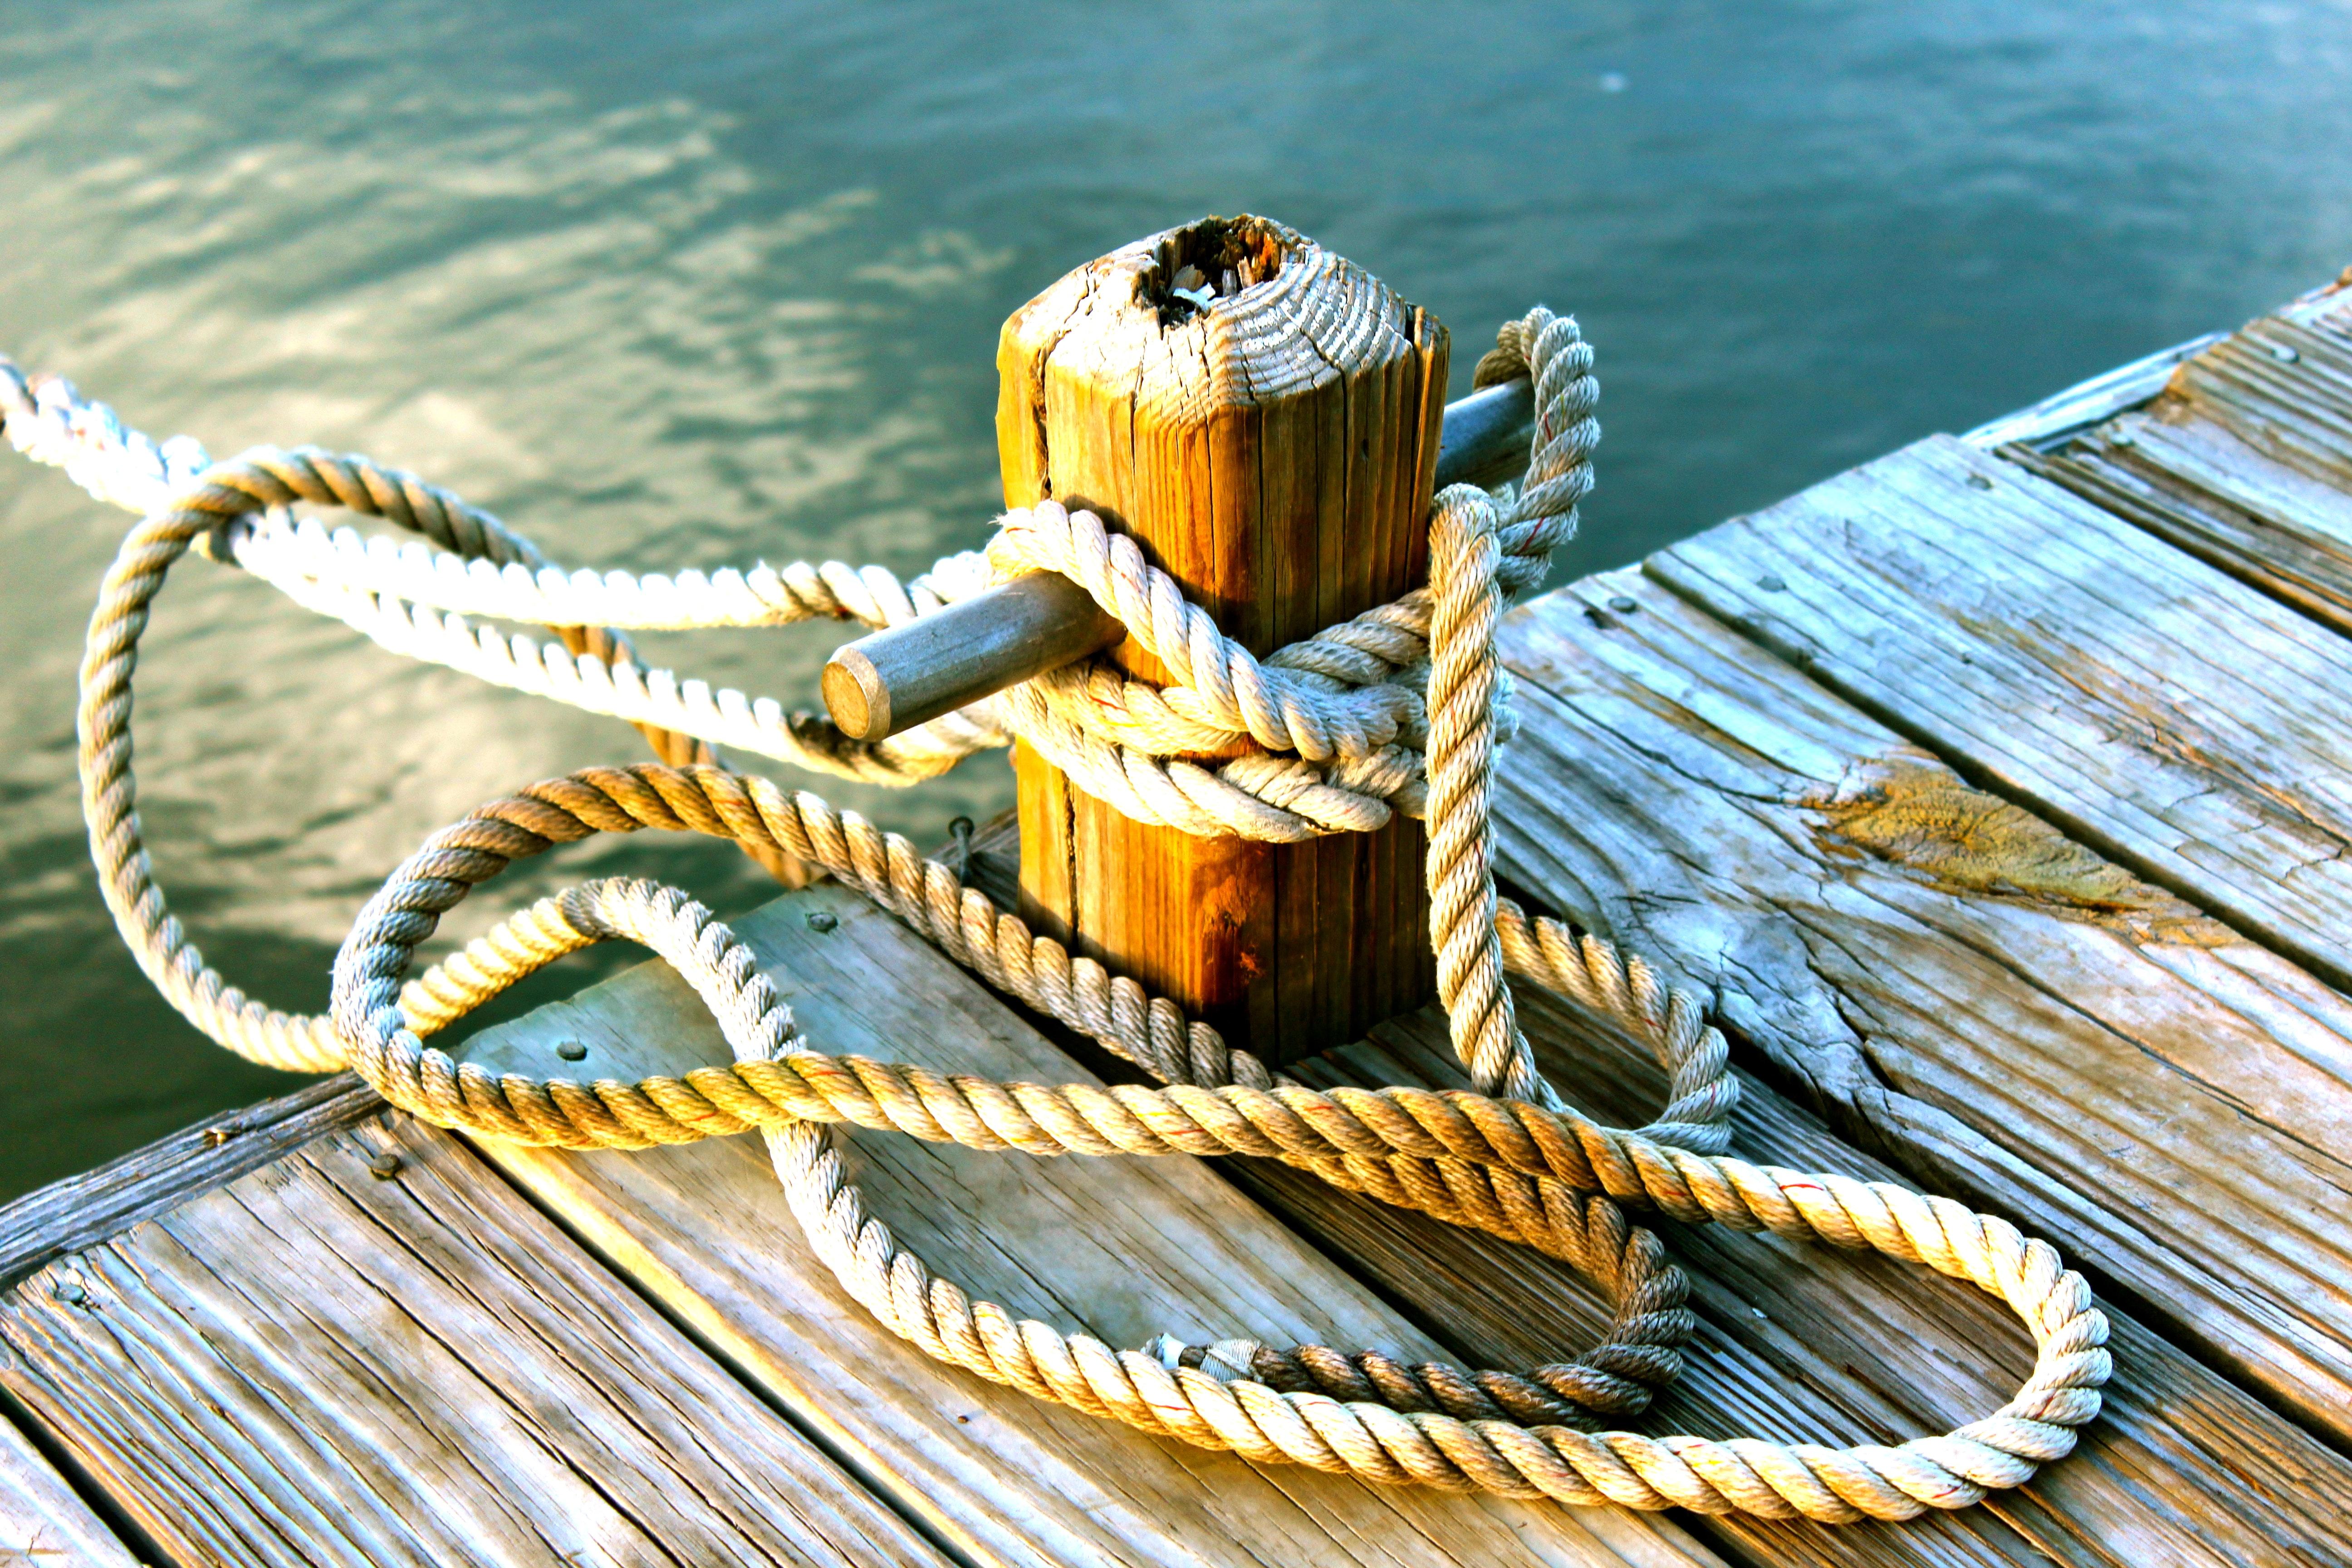 boat-deck-dock-harbor-137533